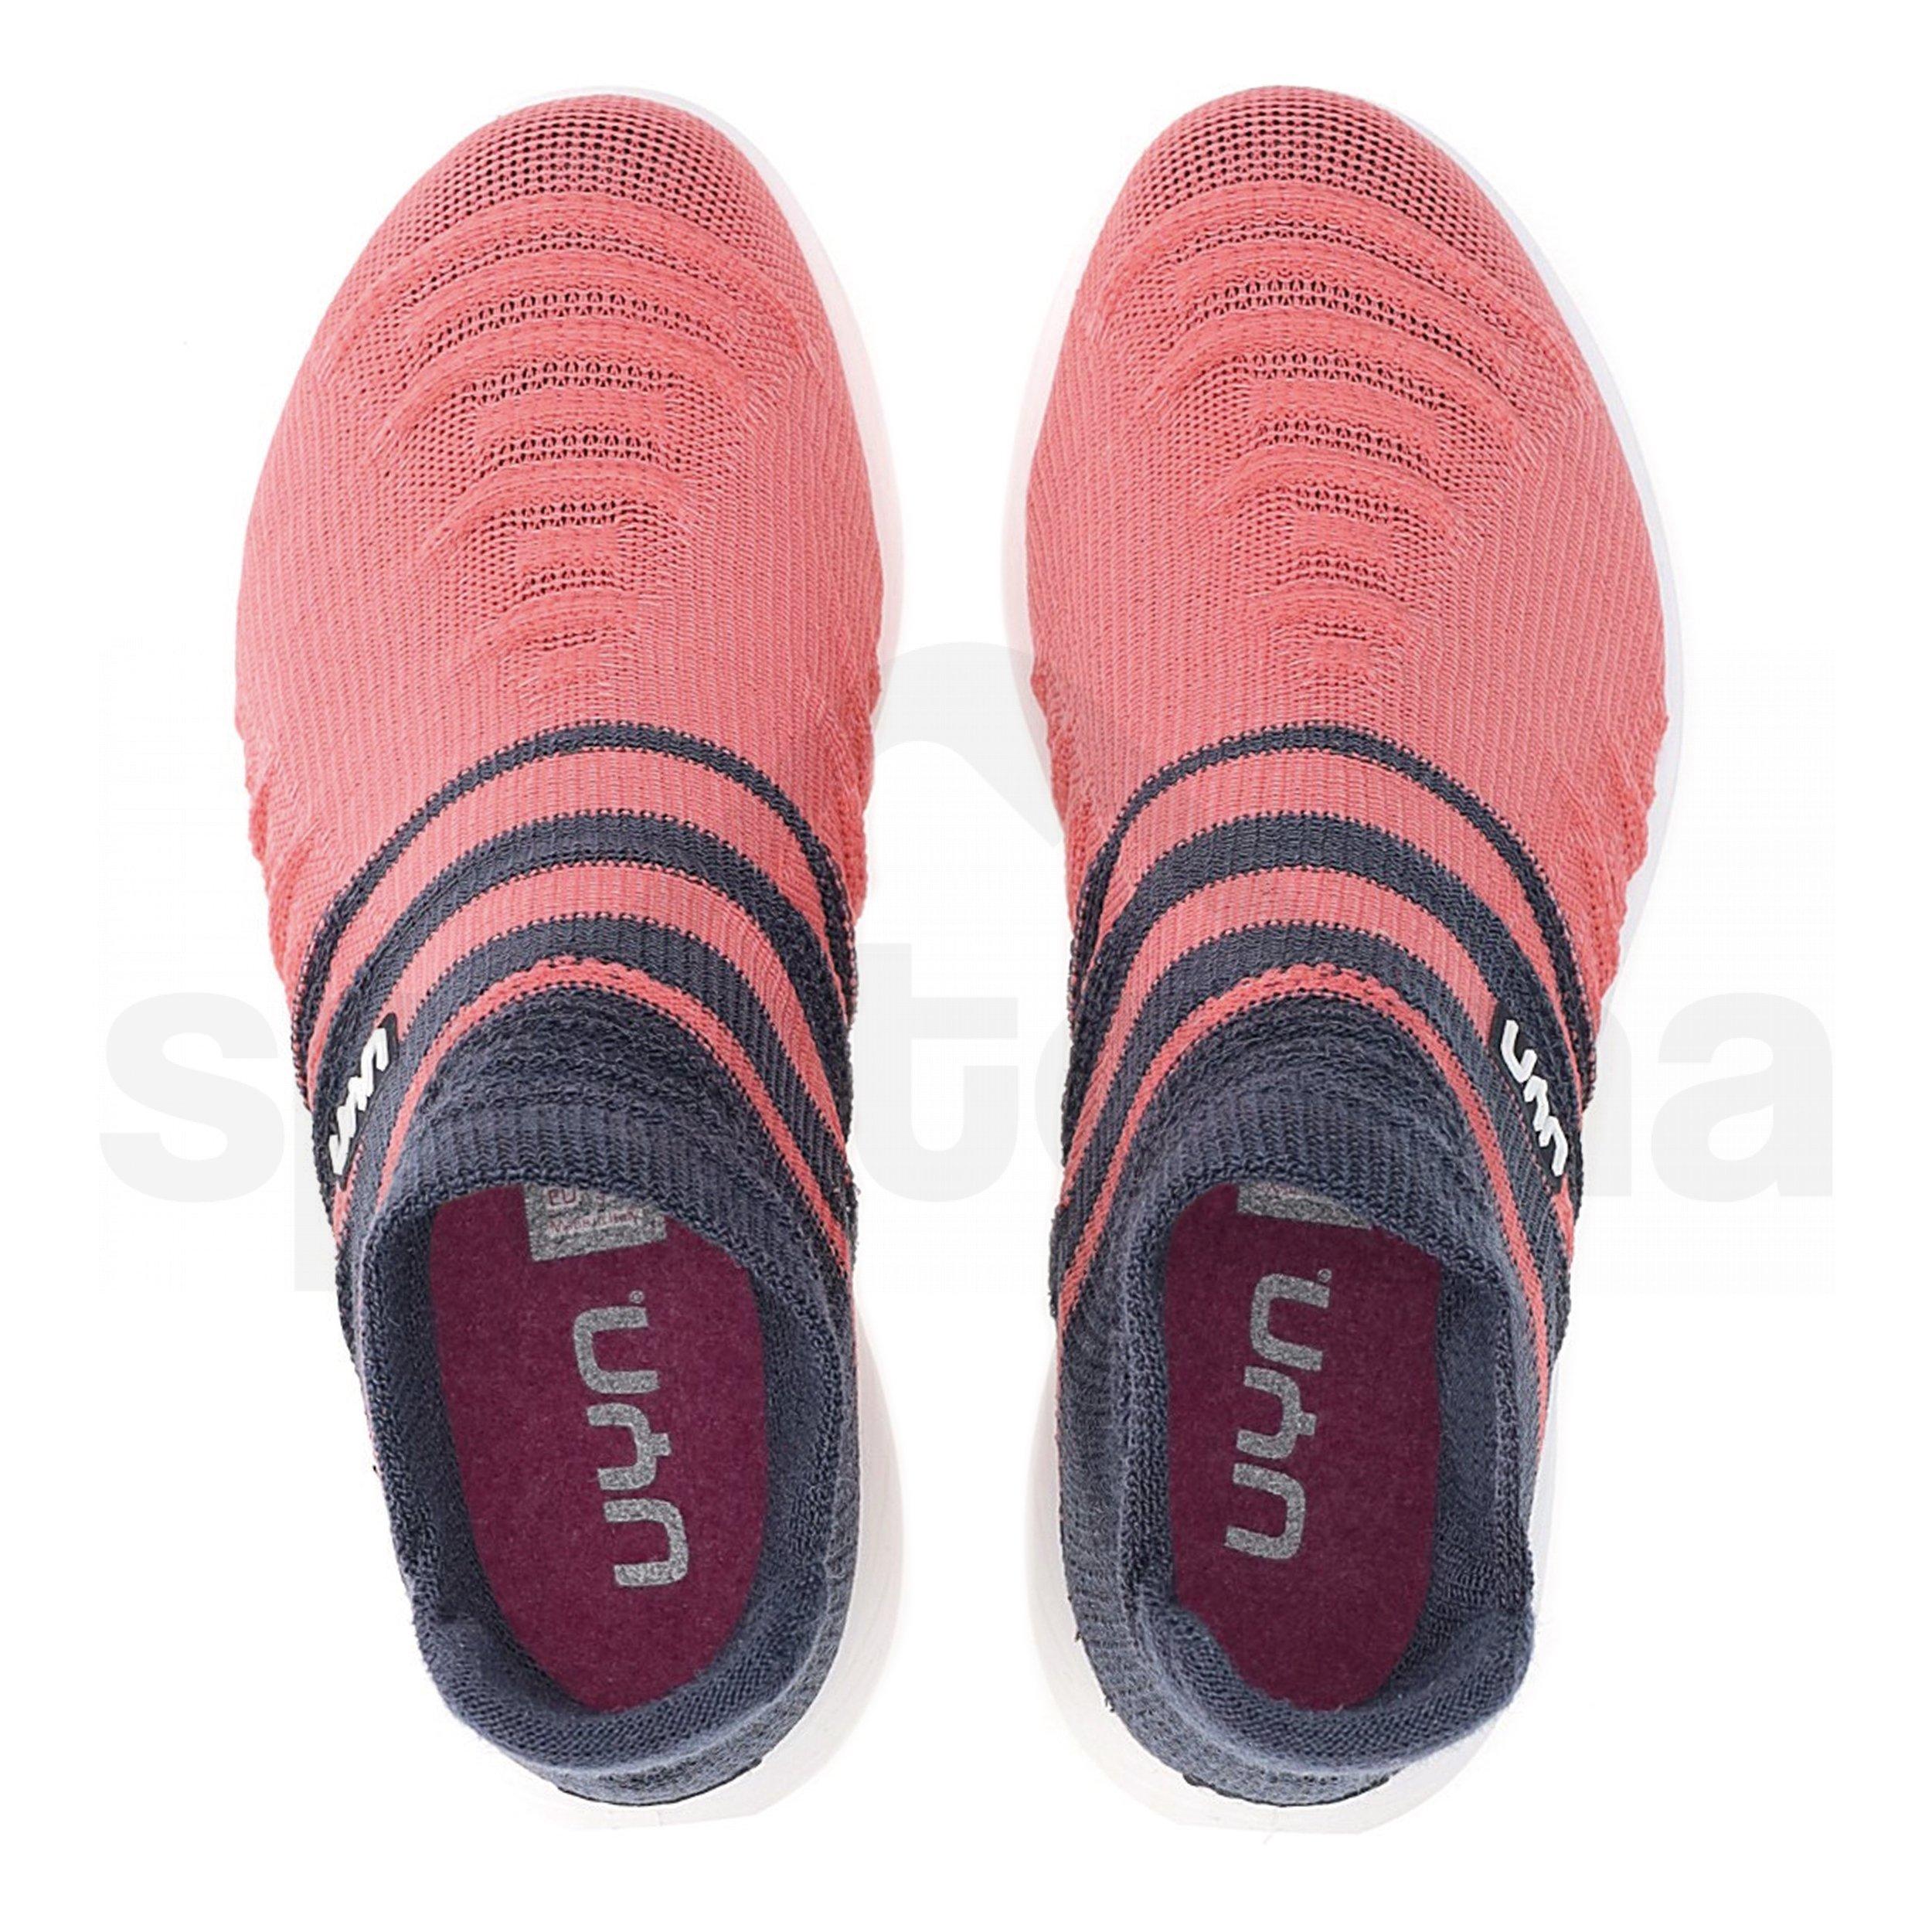 Obuv UYN X-Cross Shoes W - růžová/černá